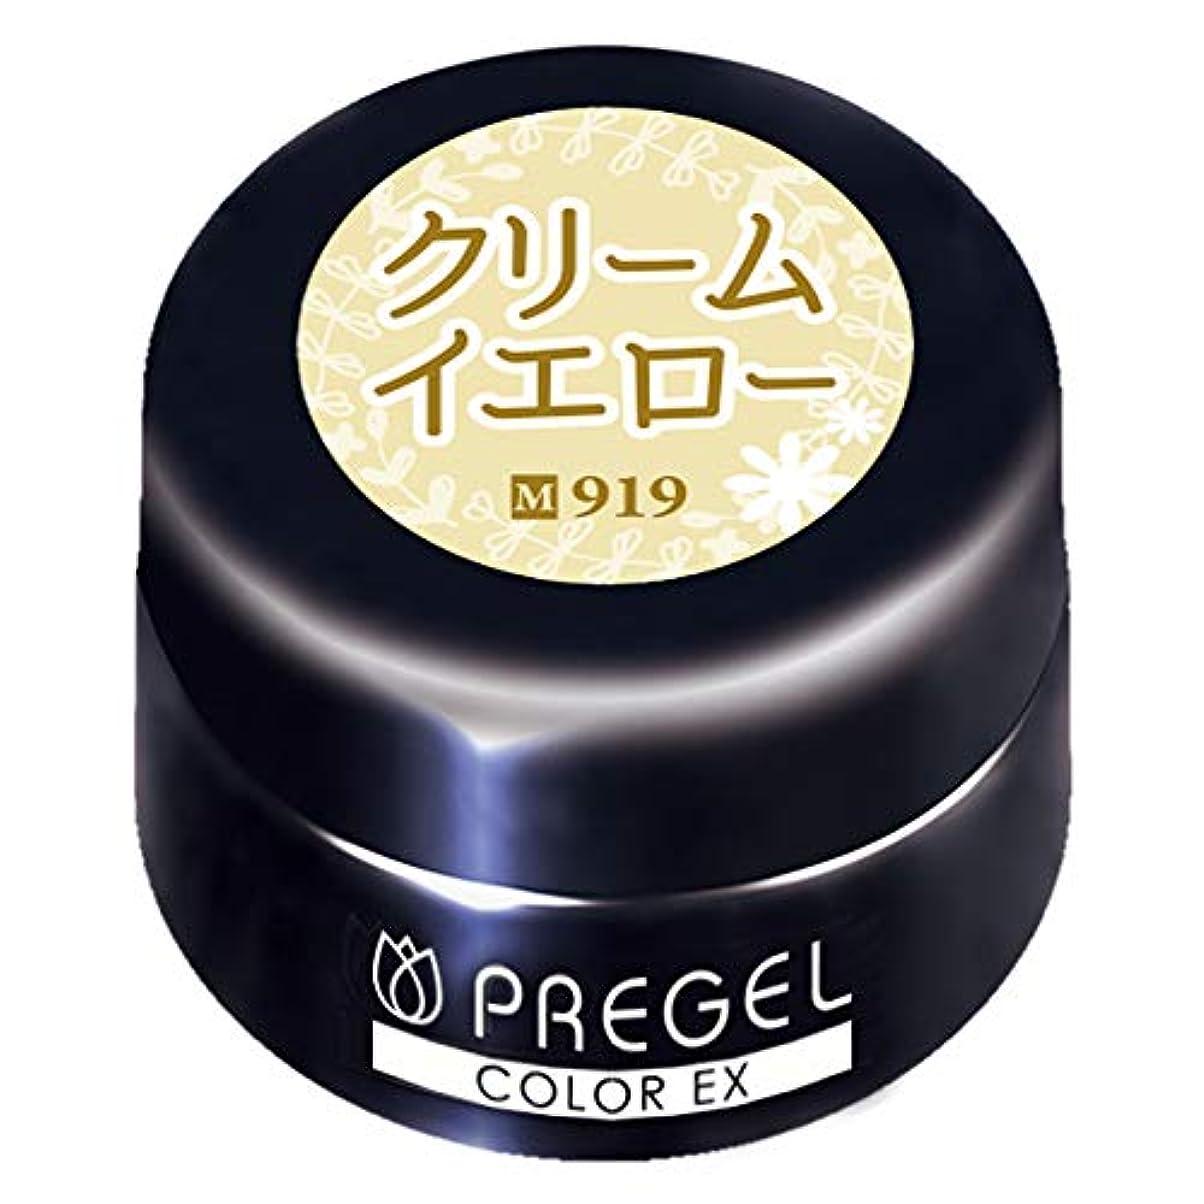 ベーシック東ティモール明らかにPRE GEL(プリジェル) PRE GEL カラーEX クリームイエロー919 3g PG-CE919 UV/LED対応 ジェルネイル